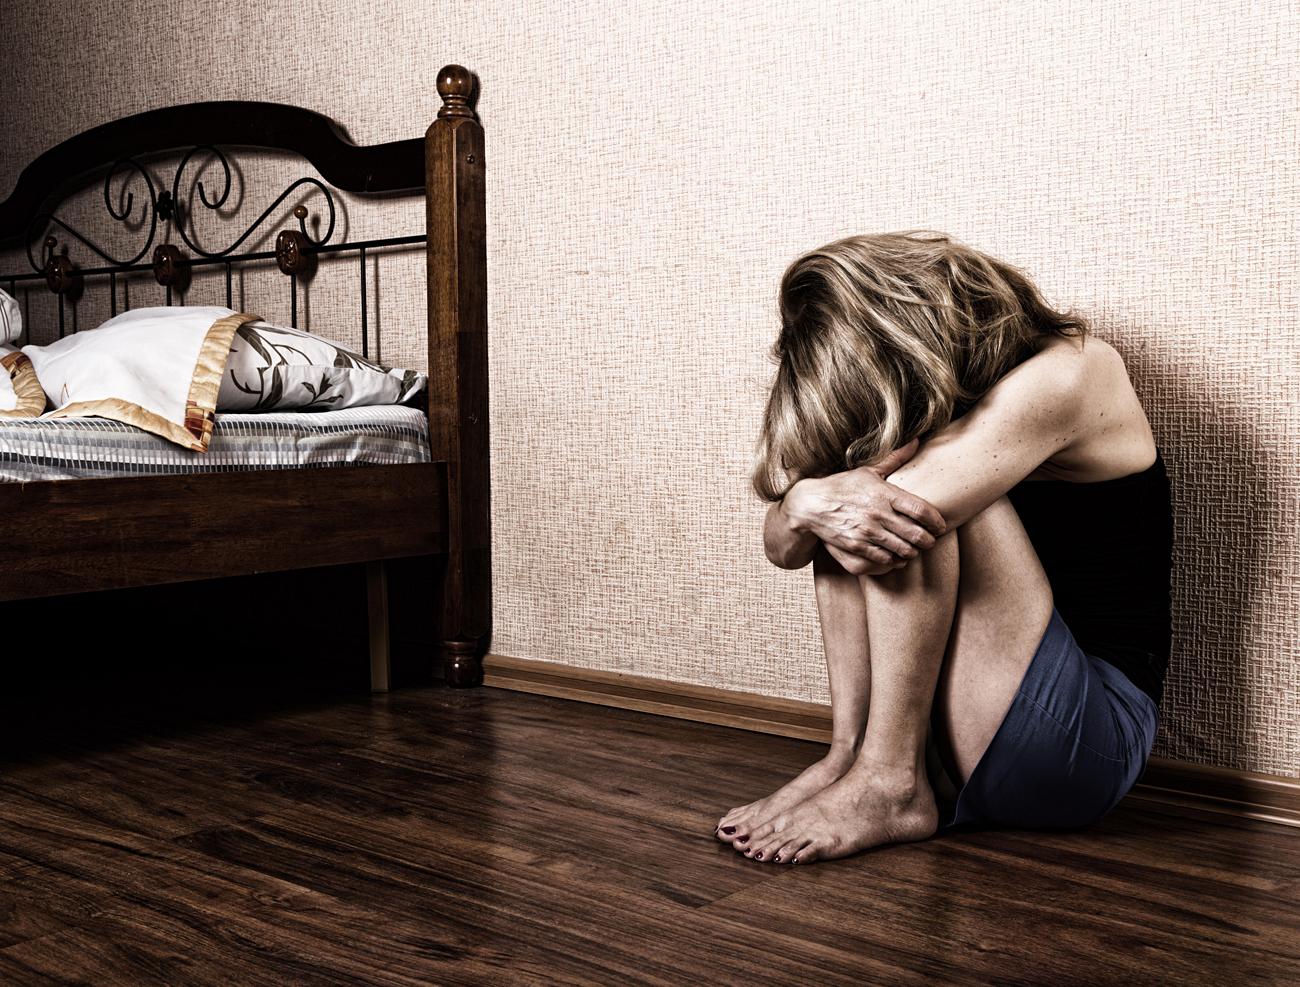 Das Land tut sich schwer mit dem Kampf gegen Gewalt in der Familie.